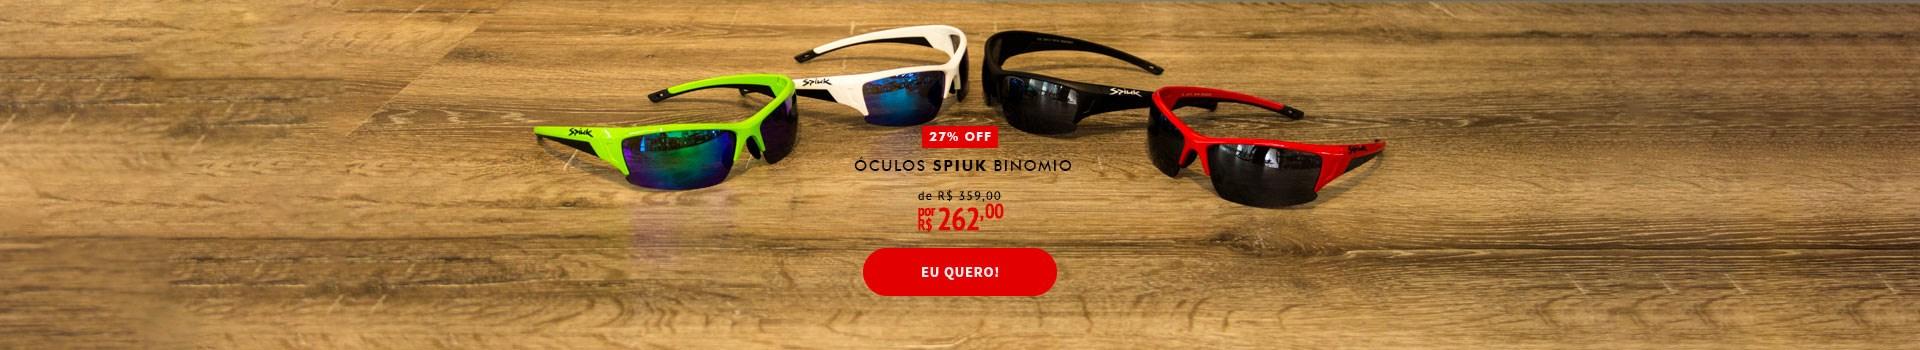 Óculos Ciclismo Spiuk Binomio em promoção